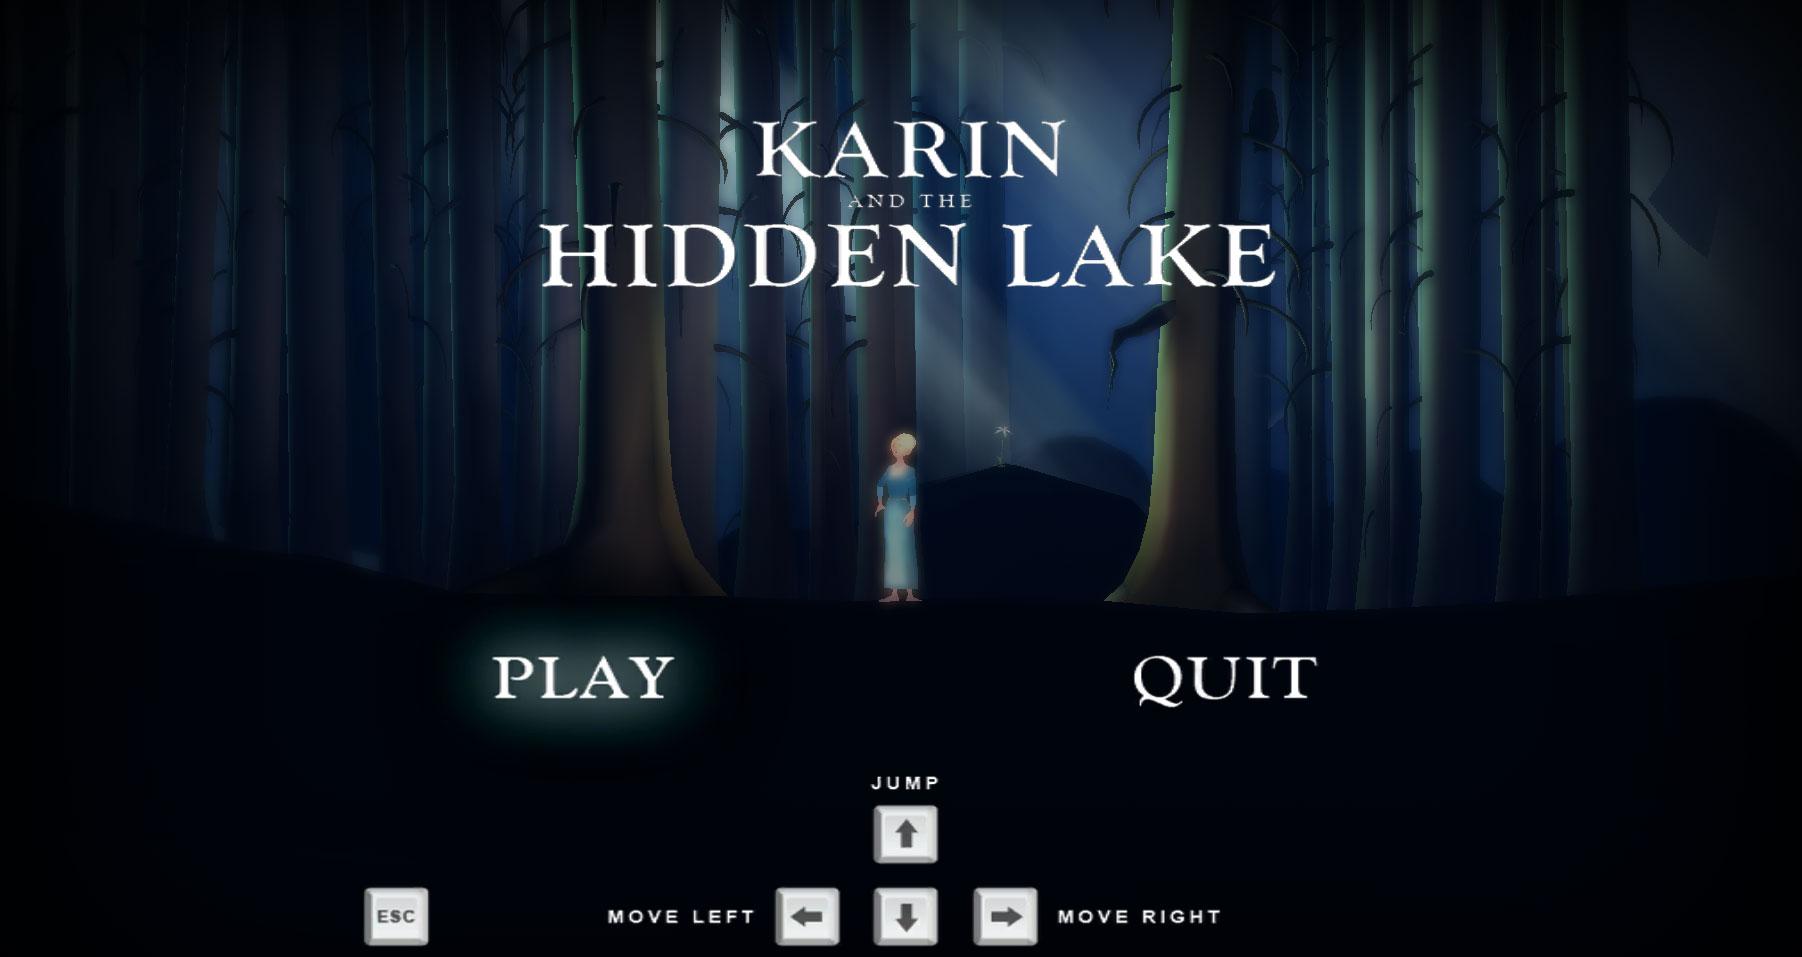 Karin-and-the-hidden-lake-Thumb-DADIU-2009